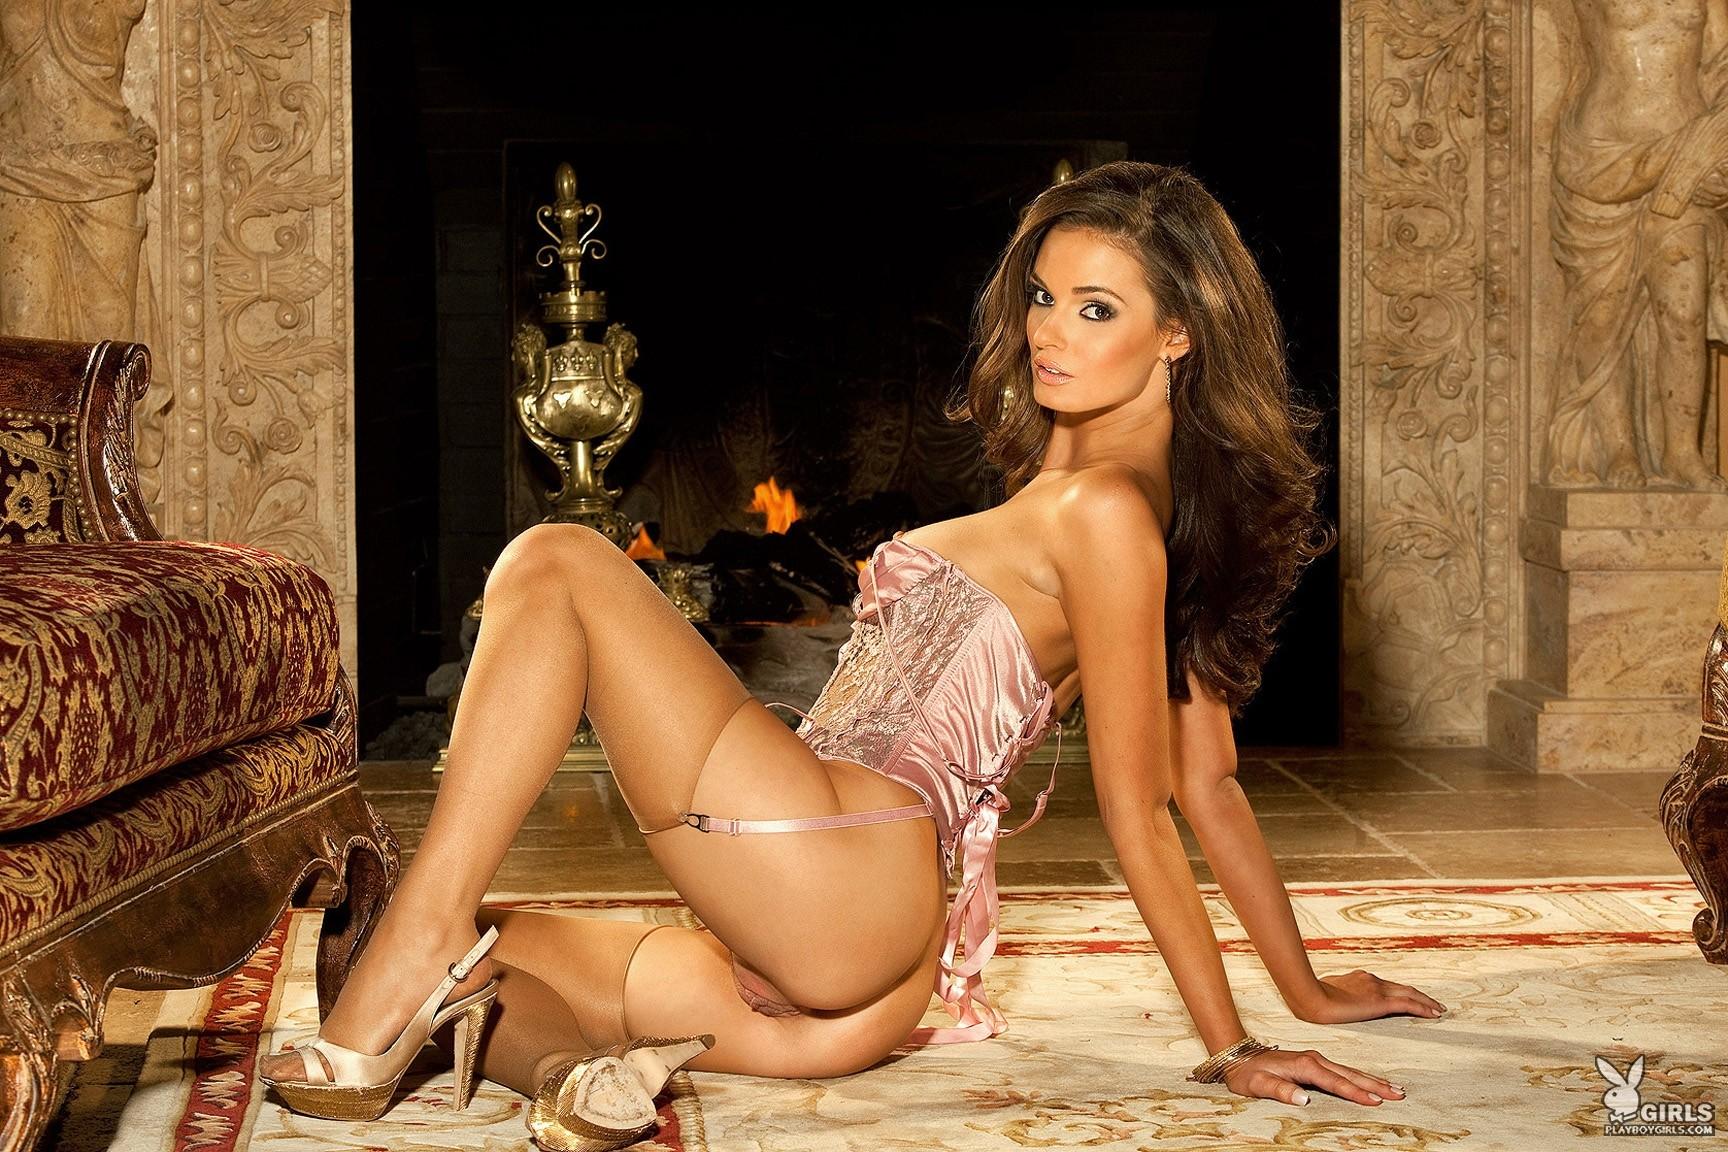 Celebrity celebrity image nude nude